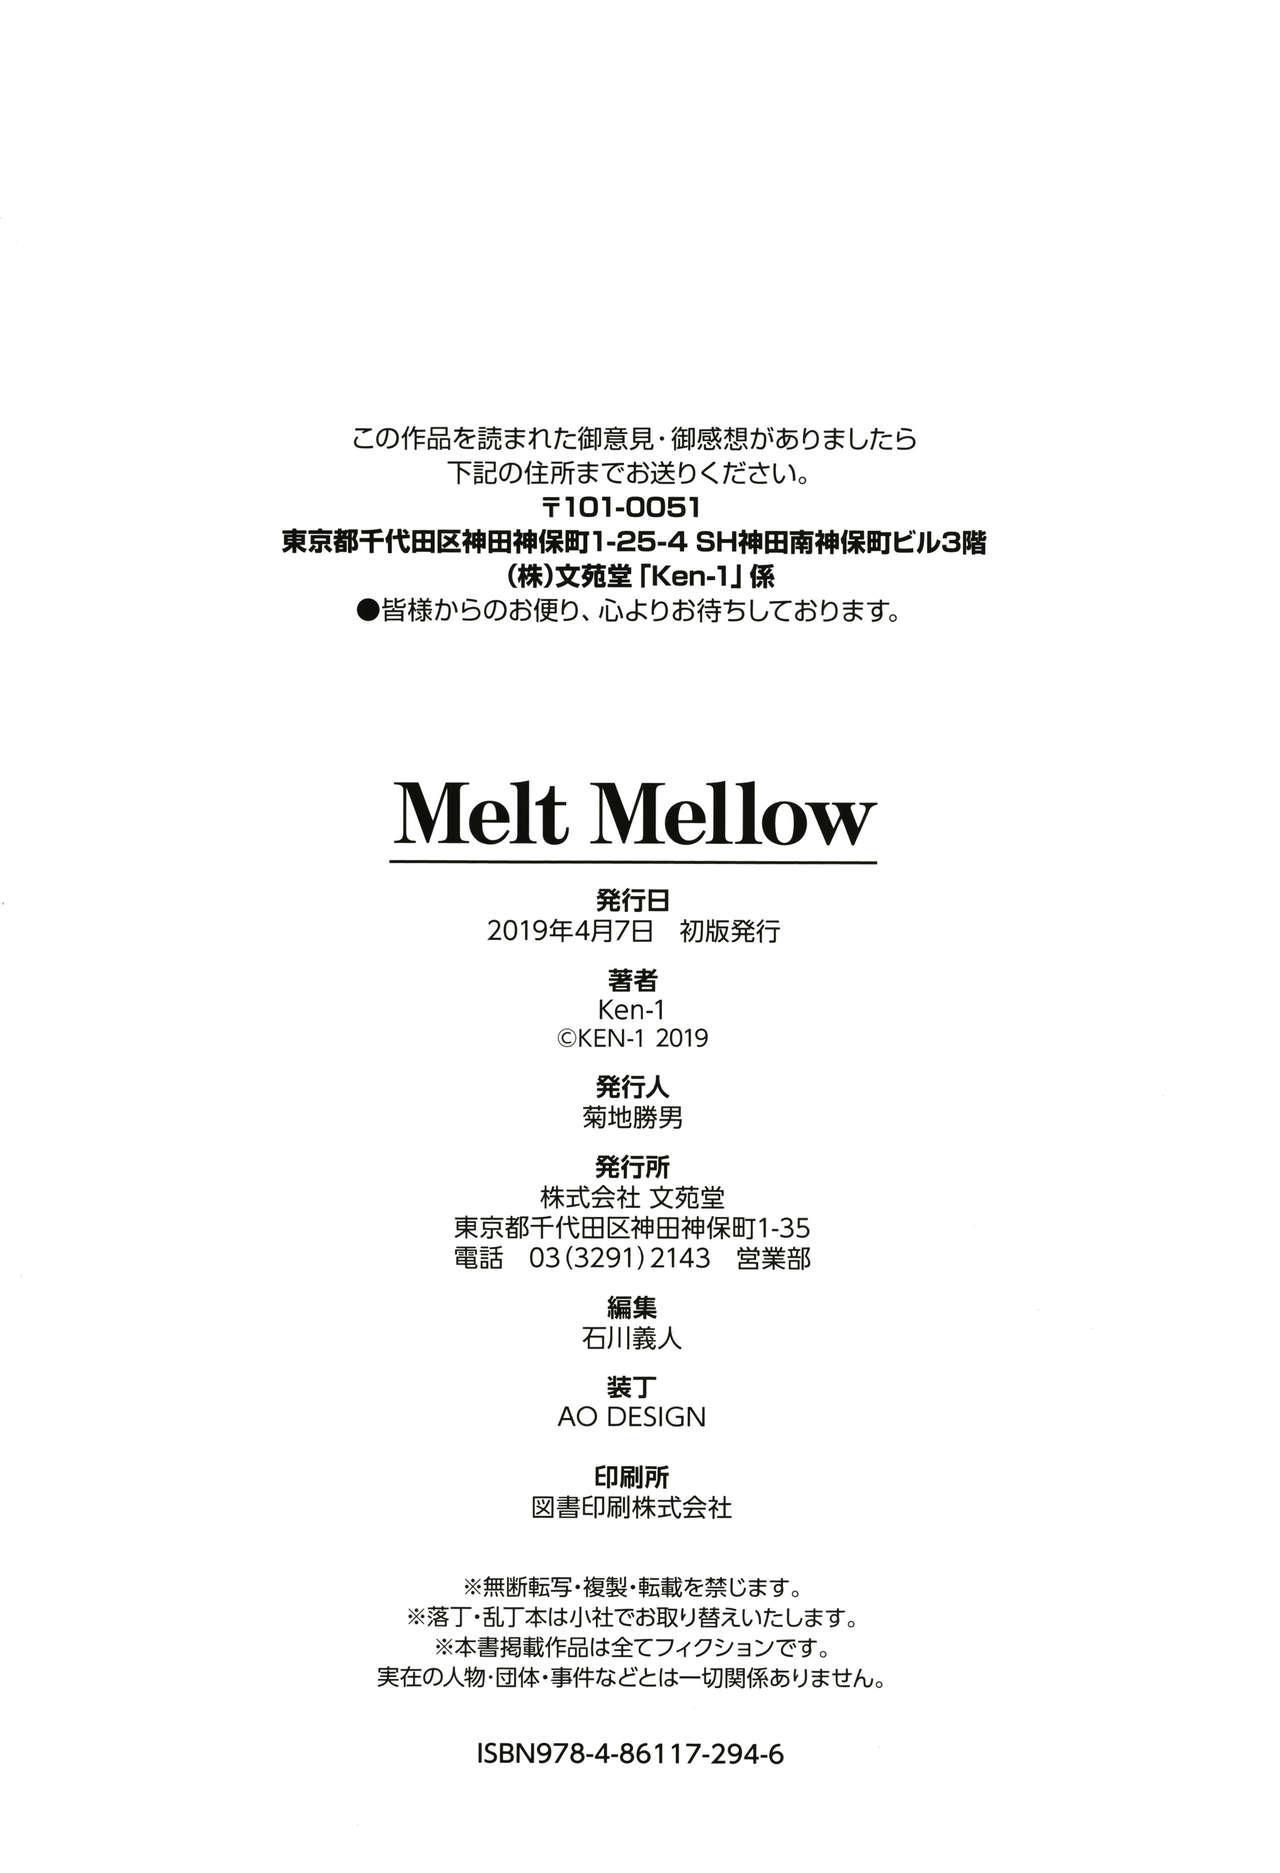 Melt Mellow 98